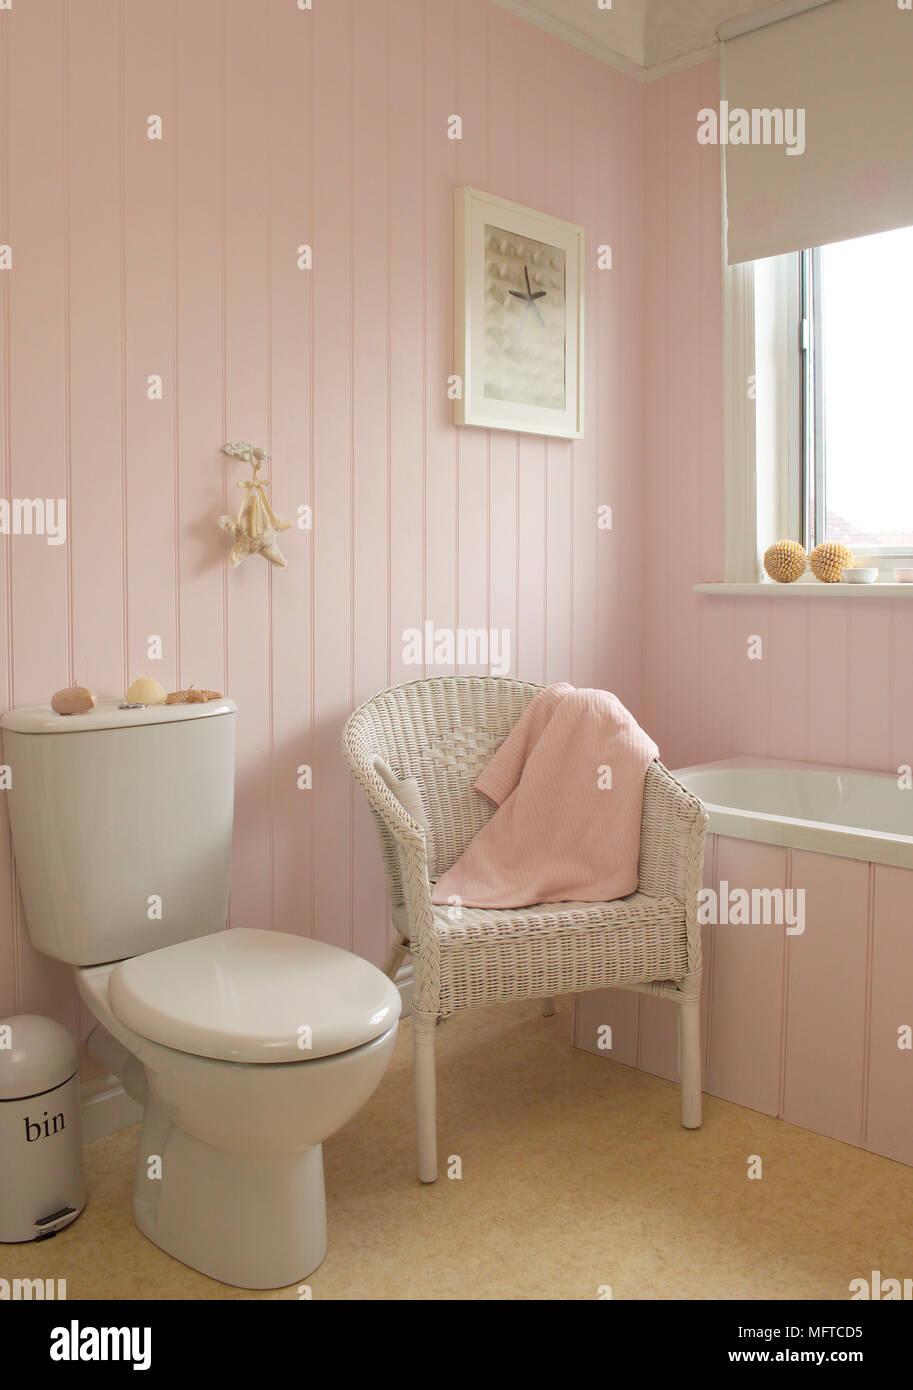 Stuhl neben Wc in rosa Badezimmer Stockfoto, Bild: 181860145 - Alamy